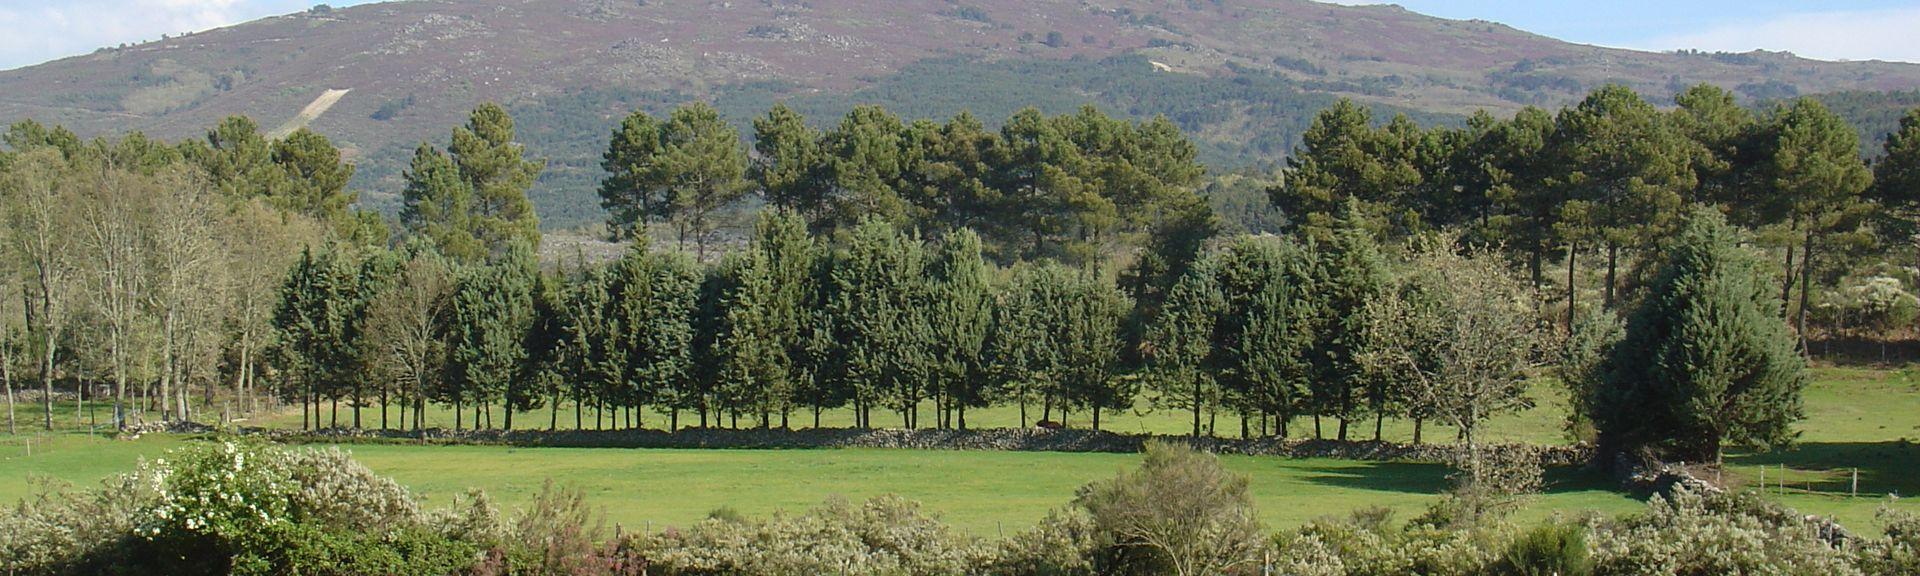 Fuenteguinaldo, Salamanca, Spain